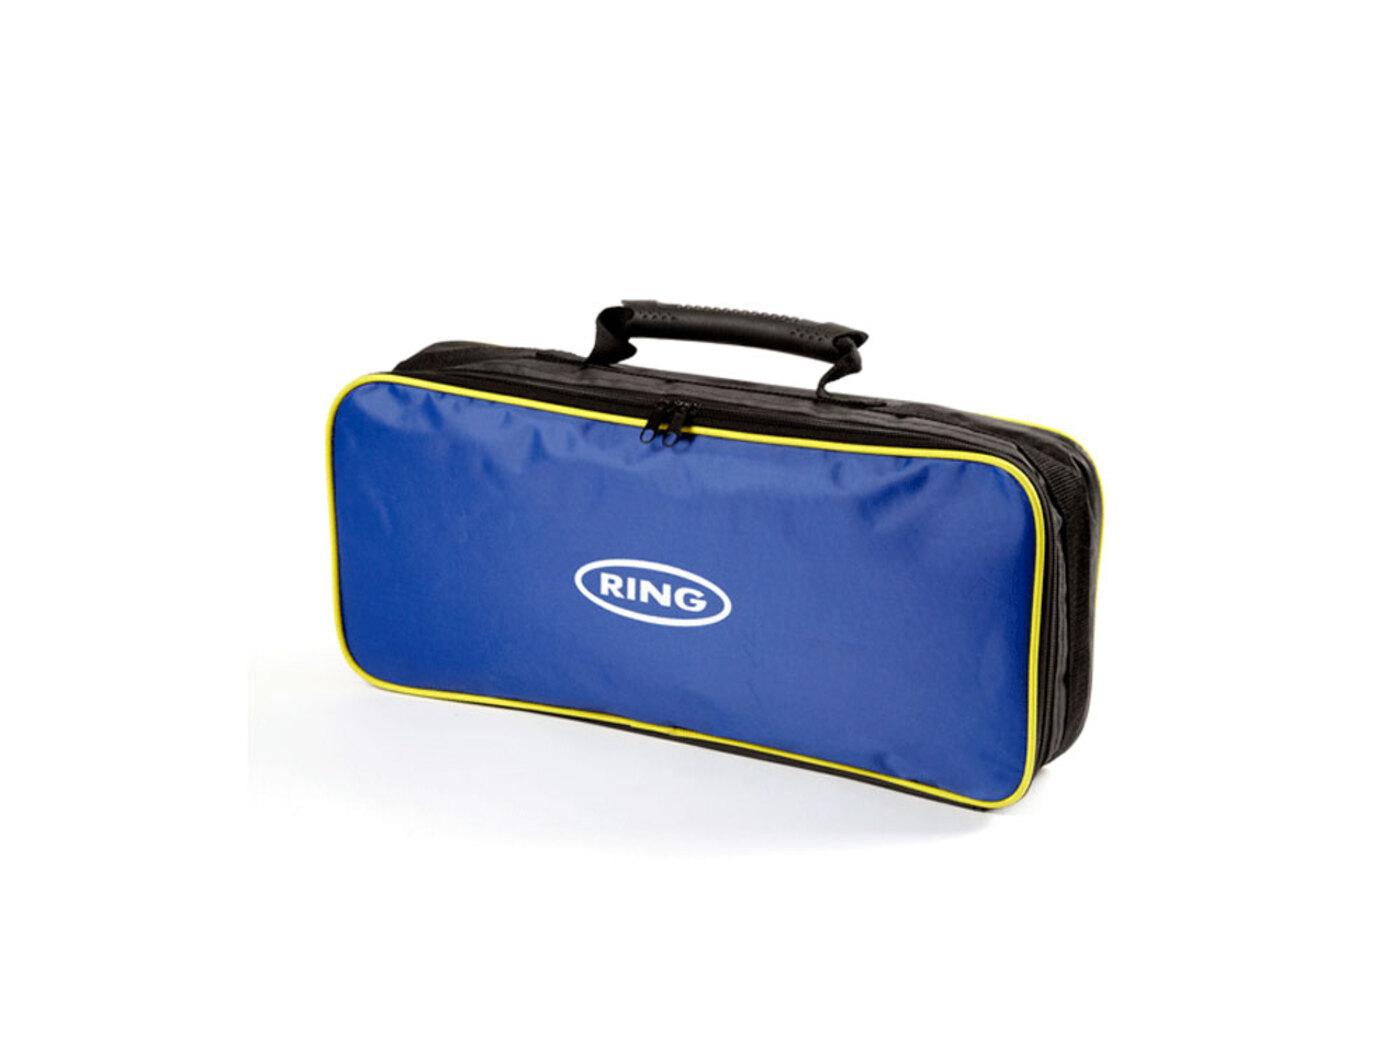 Ring European Travel Kit